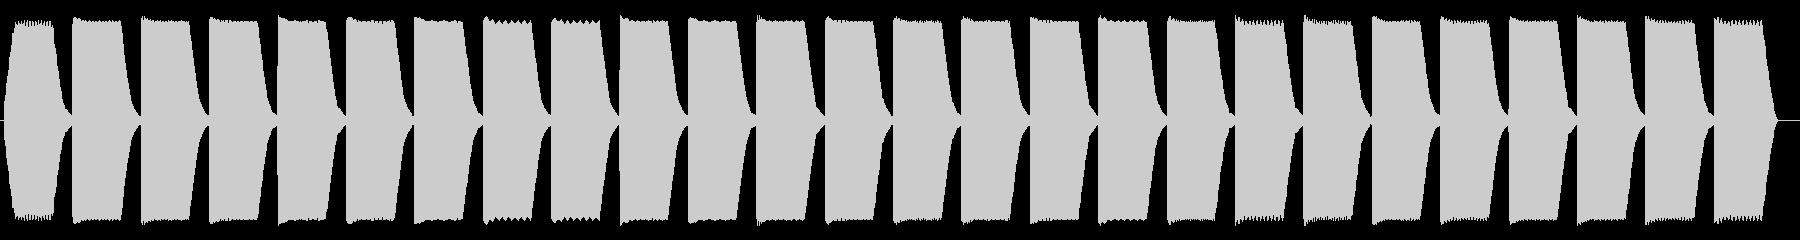 コンピューター 計算、解析音の未再生の波形